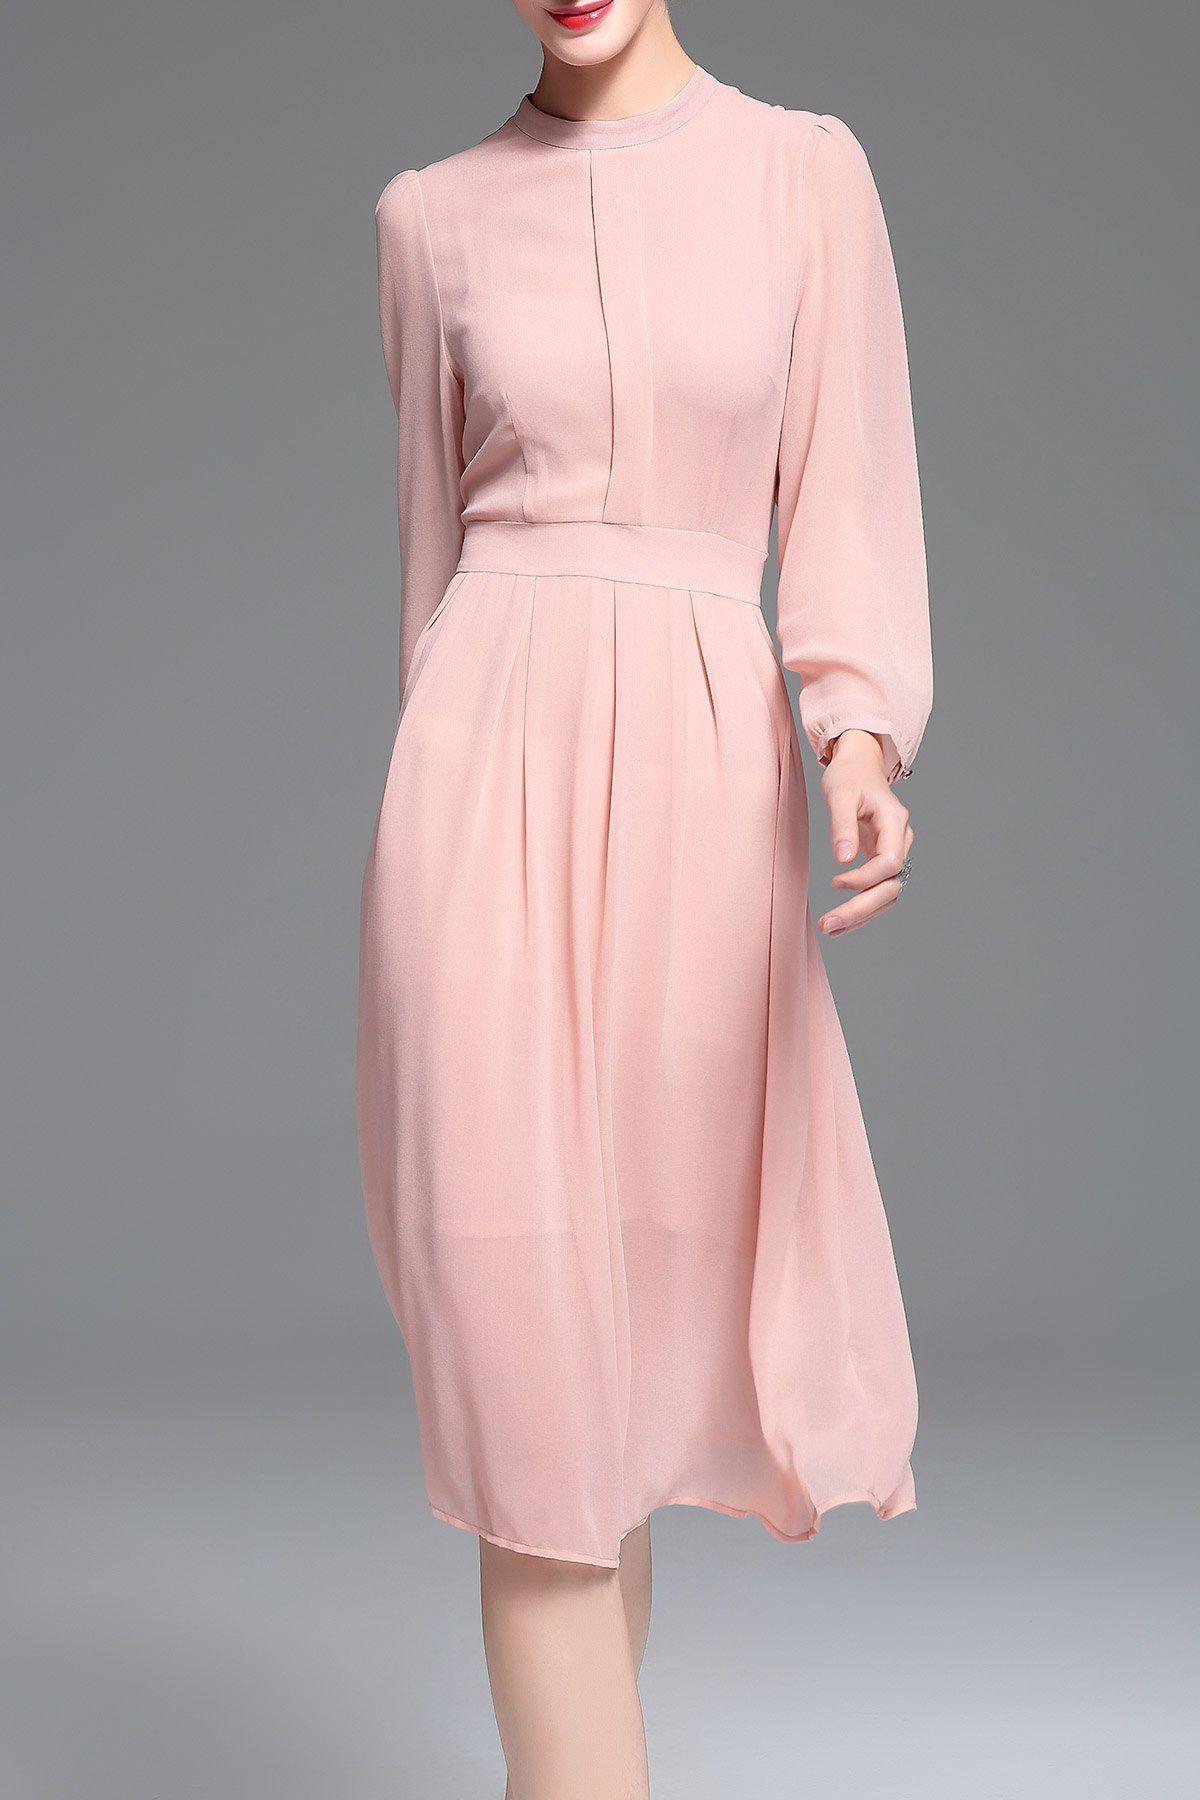 68ca3f224b95 Zakejas Pink Chiffon Long Sleeve Midi Dress